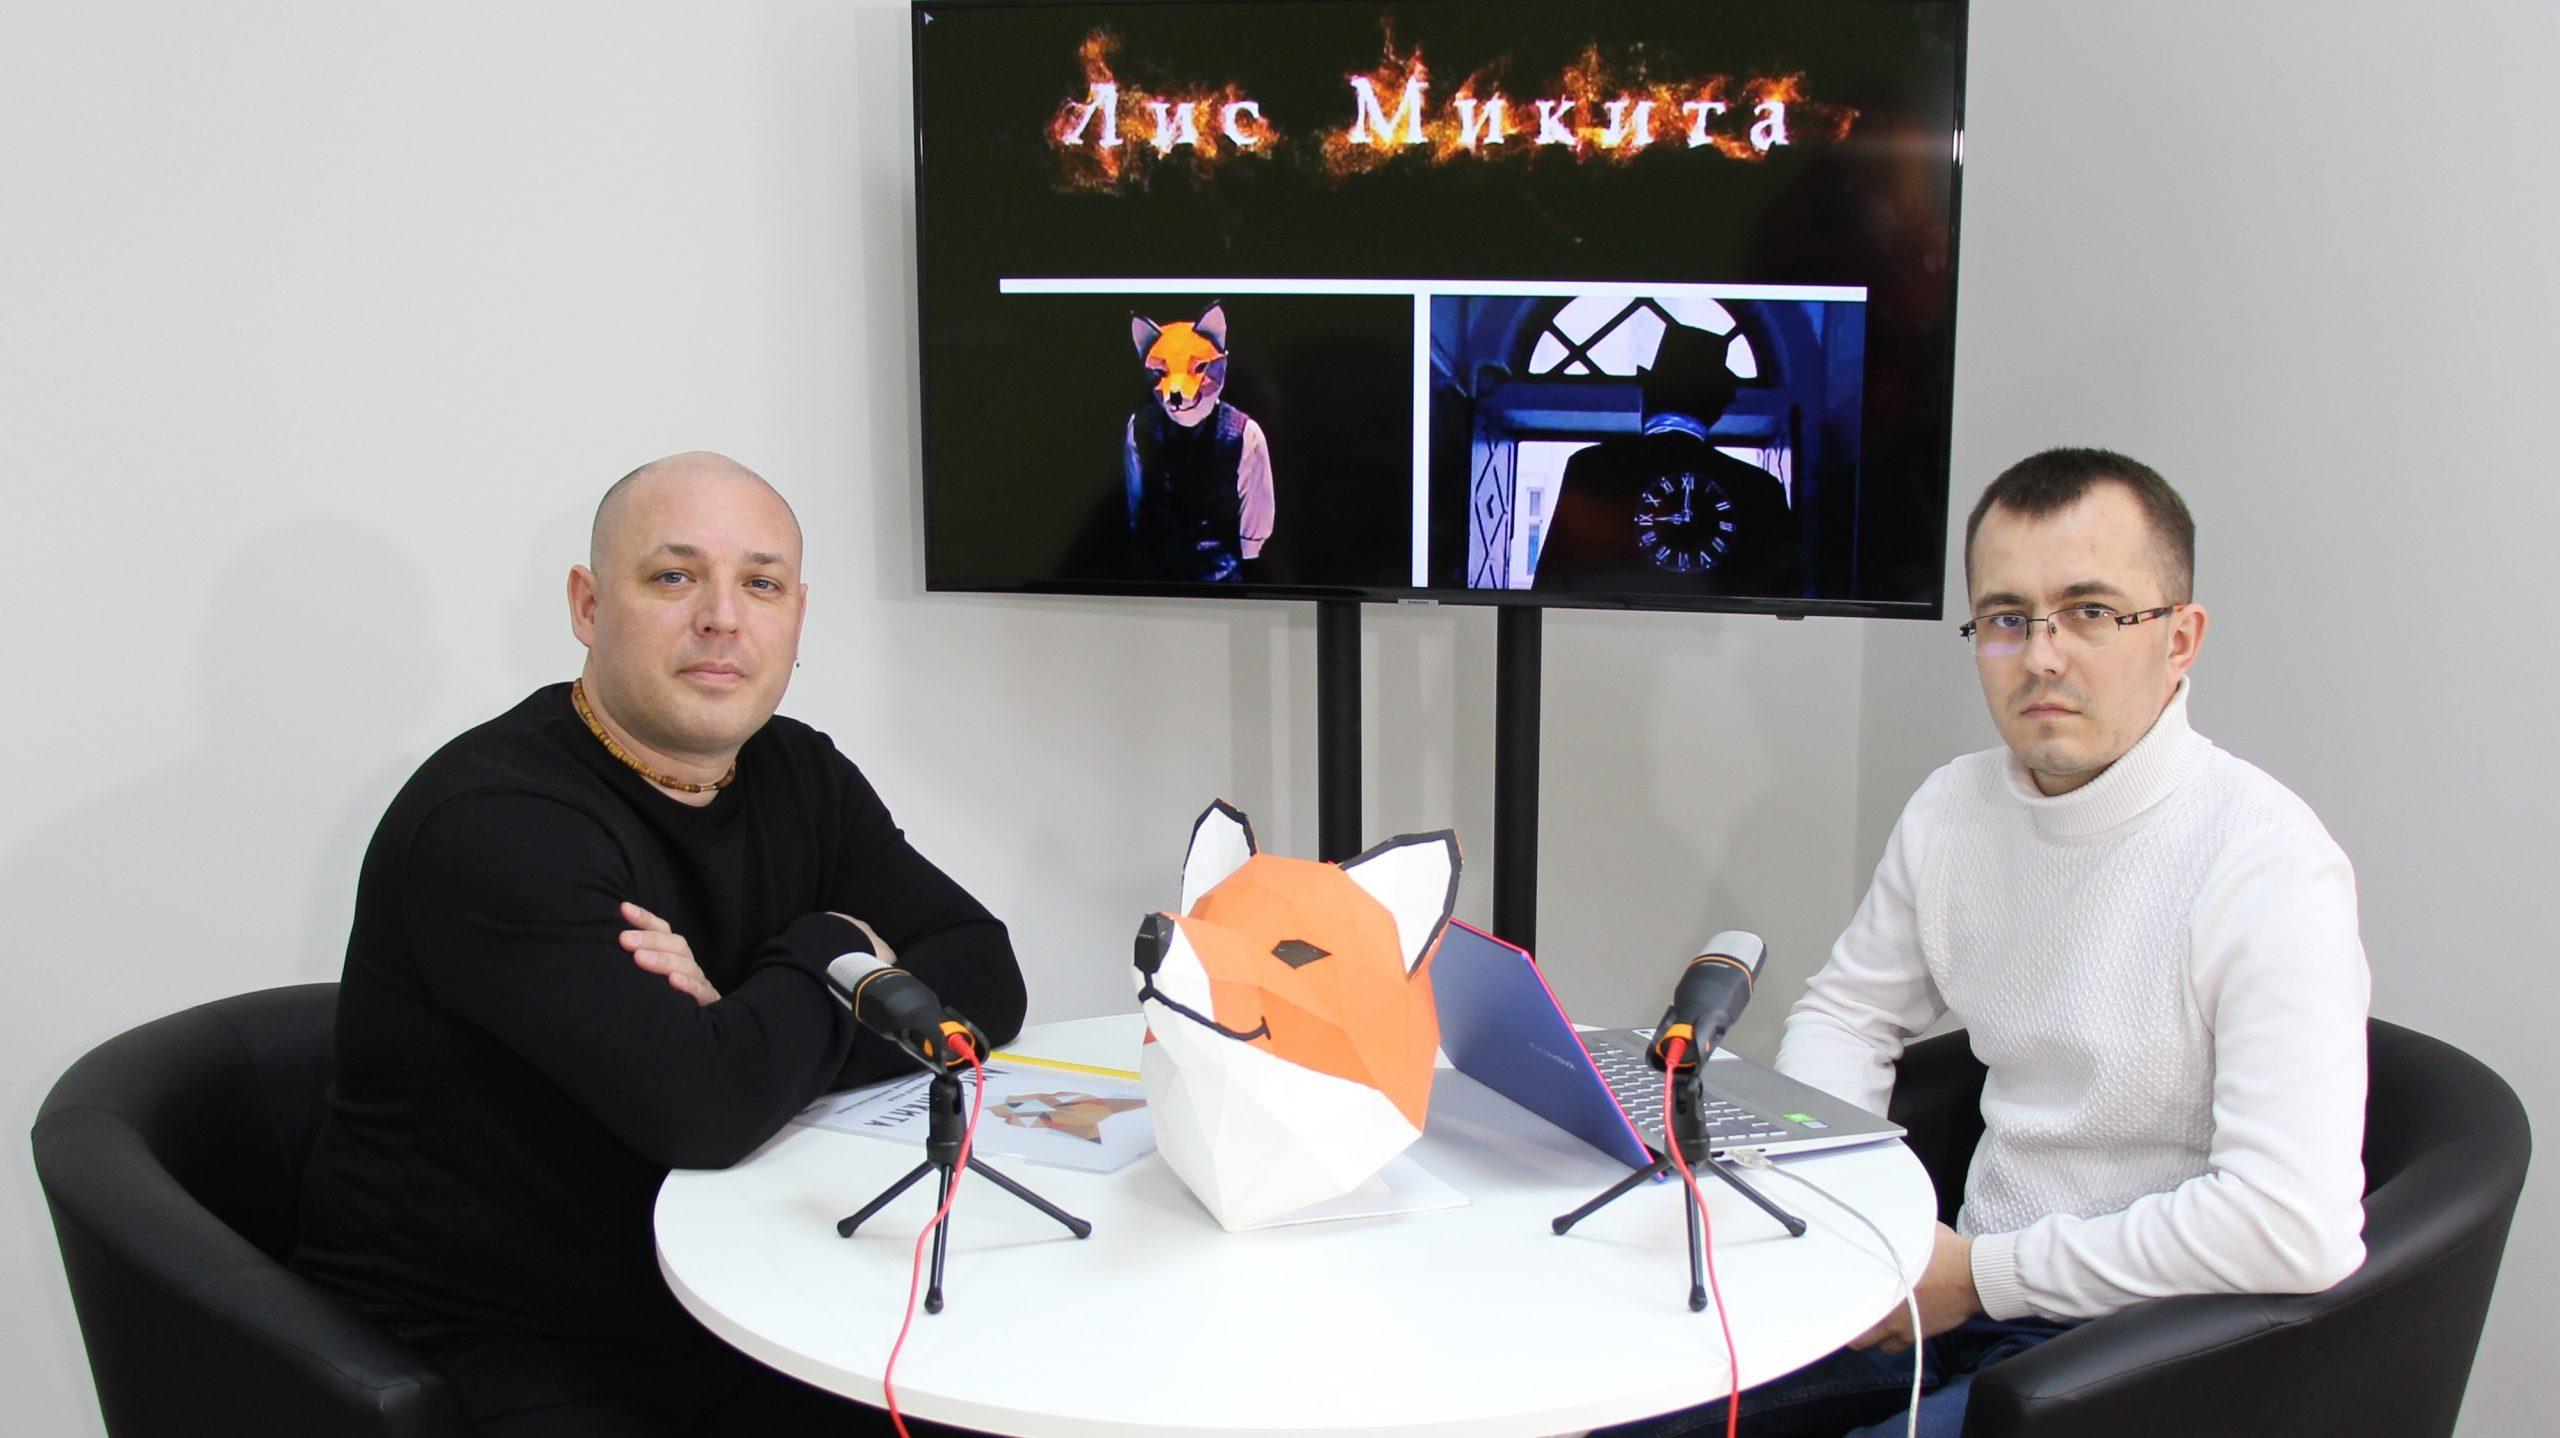 КМЦ «Дрогобич:». Фільм «Лис Микита» у сучасній інтерпретації